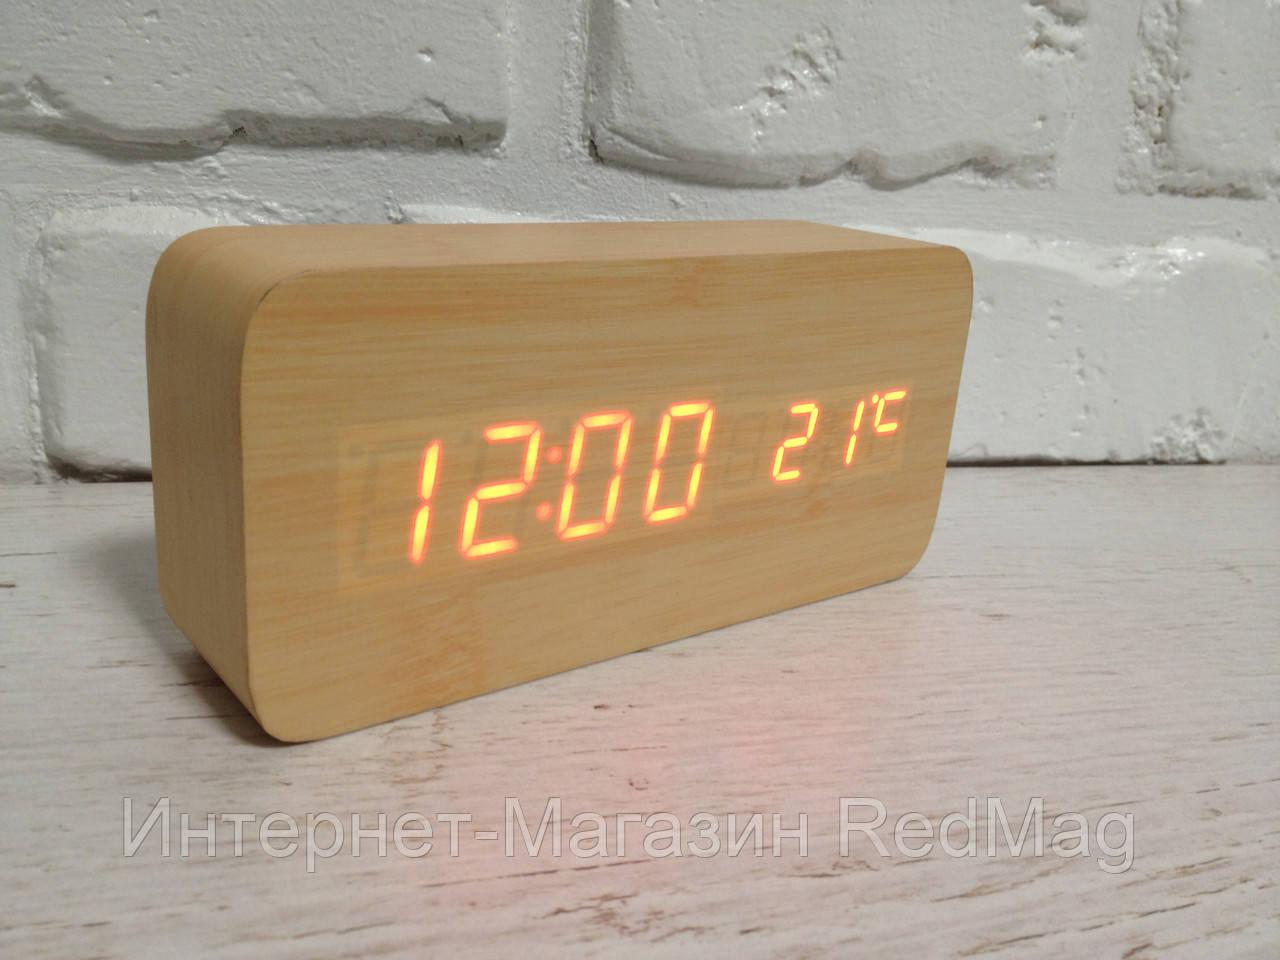 Настольные деревянные часы купить в часы сони купить спб